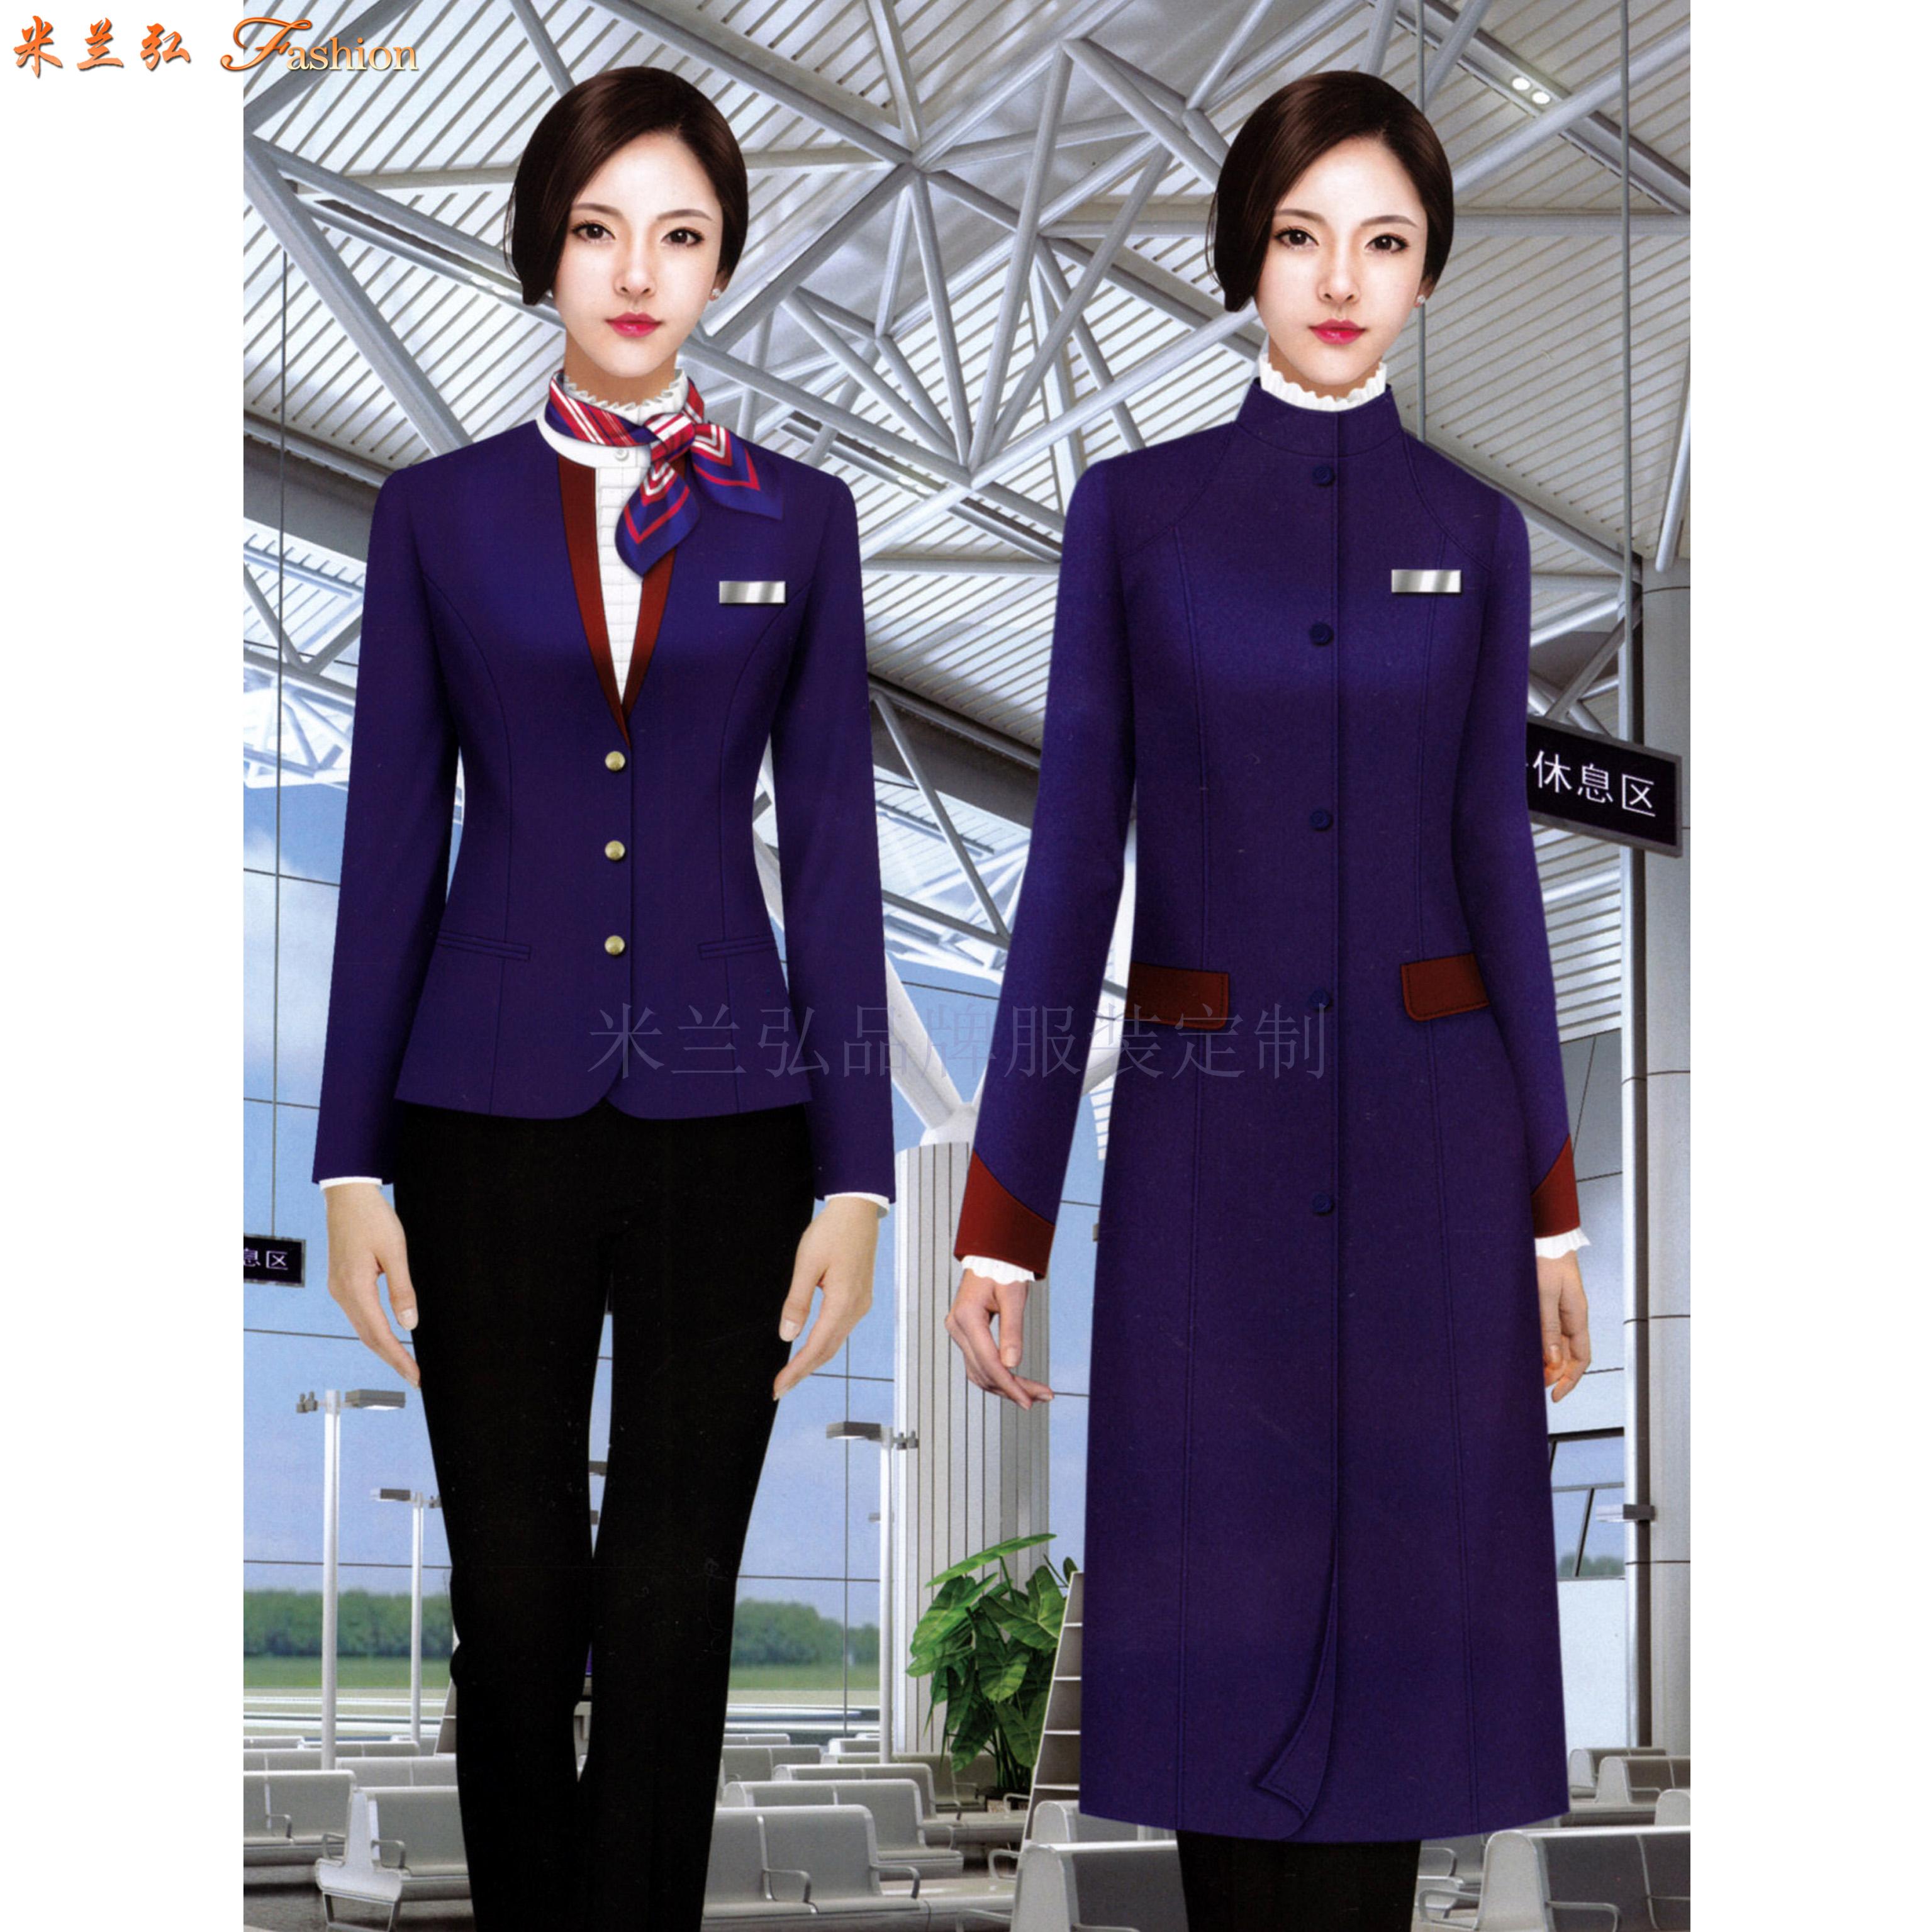 「高铁大衣」量体定做高铁乘务员男女保暖羊毛大衣-米兰弘服装-4